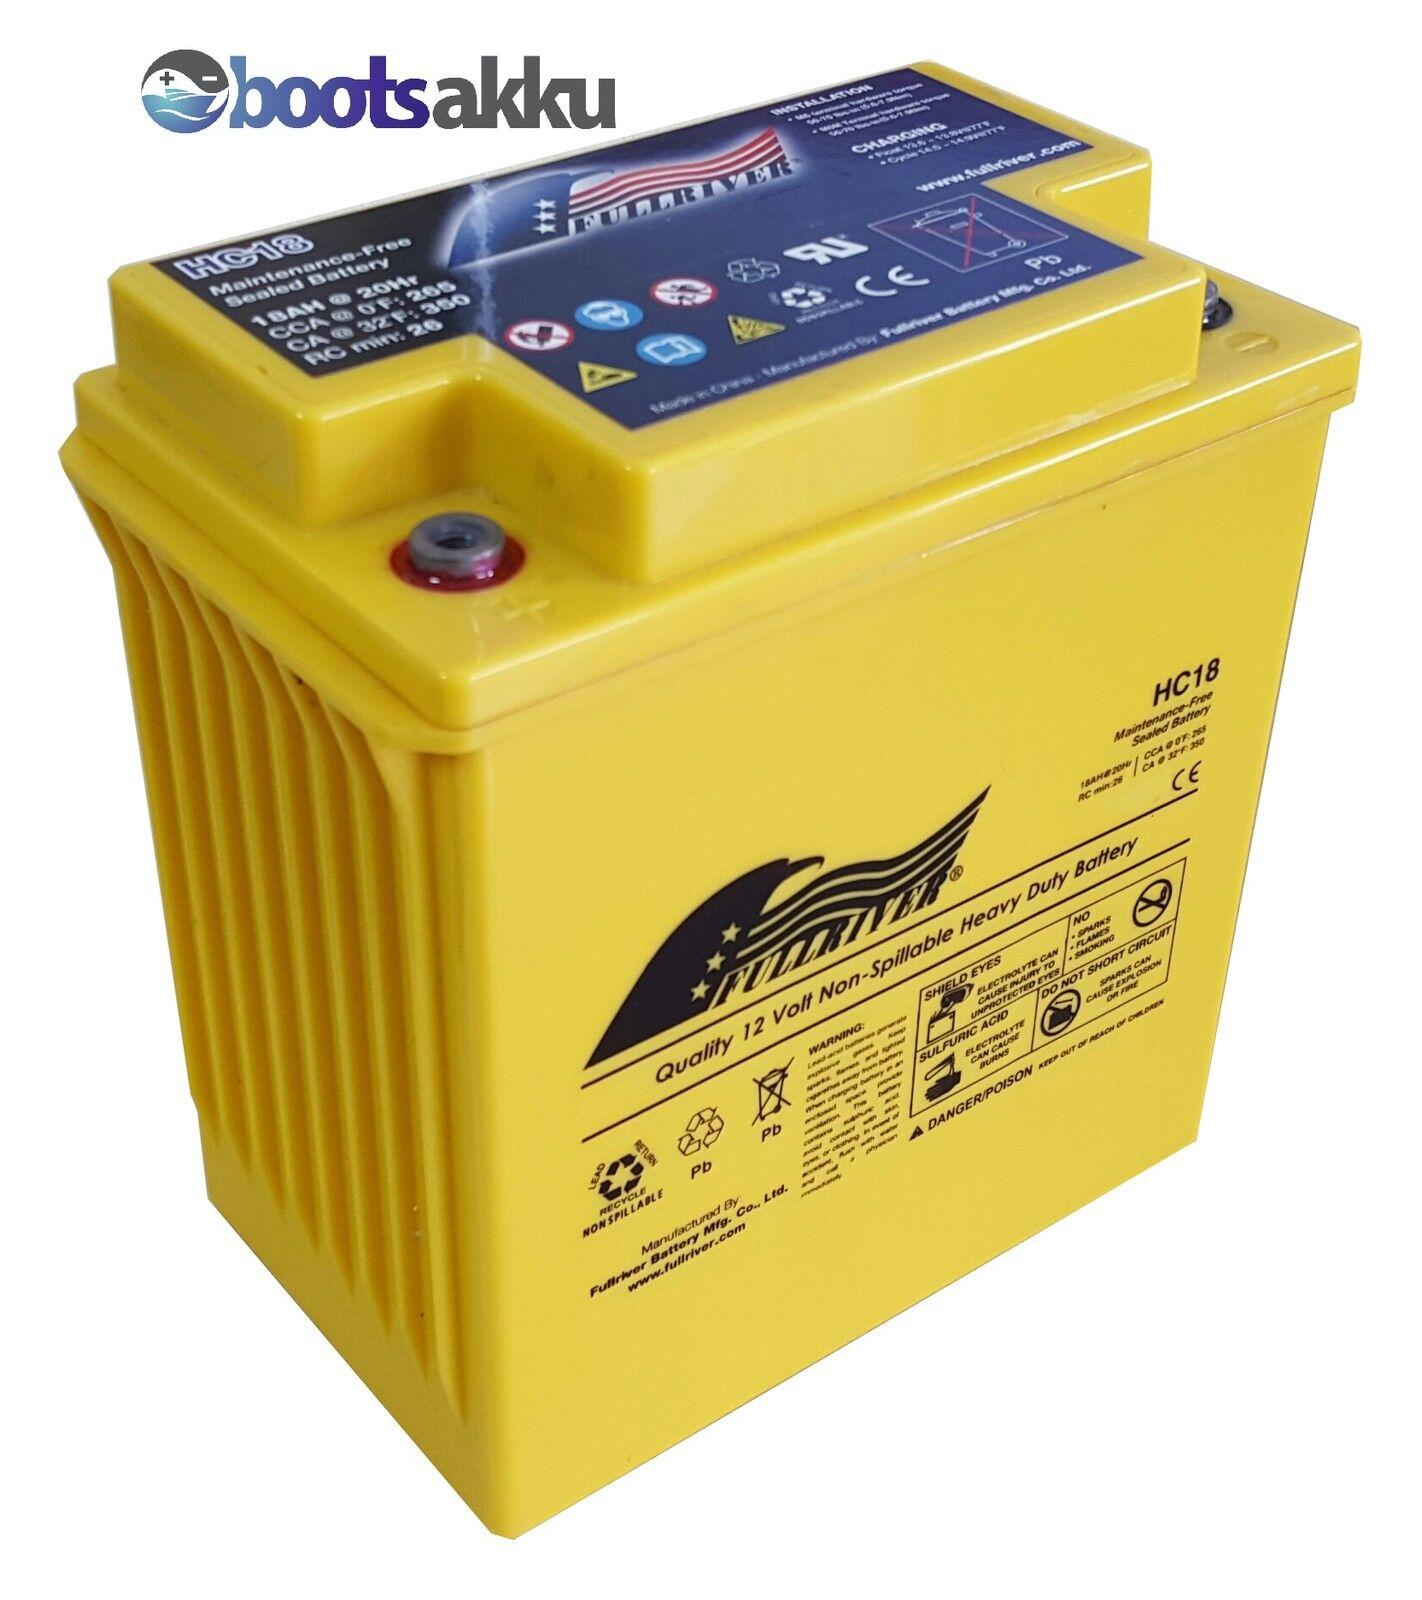 FULLRIVER HC18 AGM Akku Batterie 12V 12V Batterie 18Ah wie Odyssey PC625 d26895